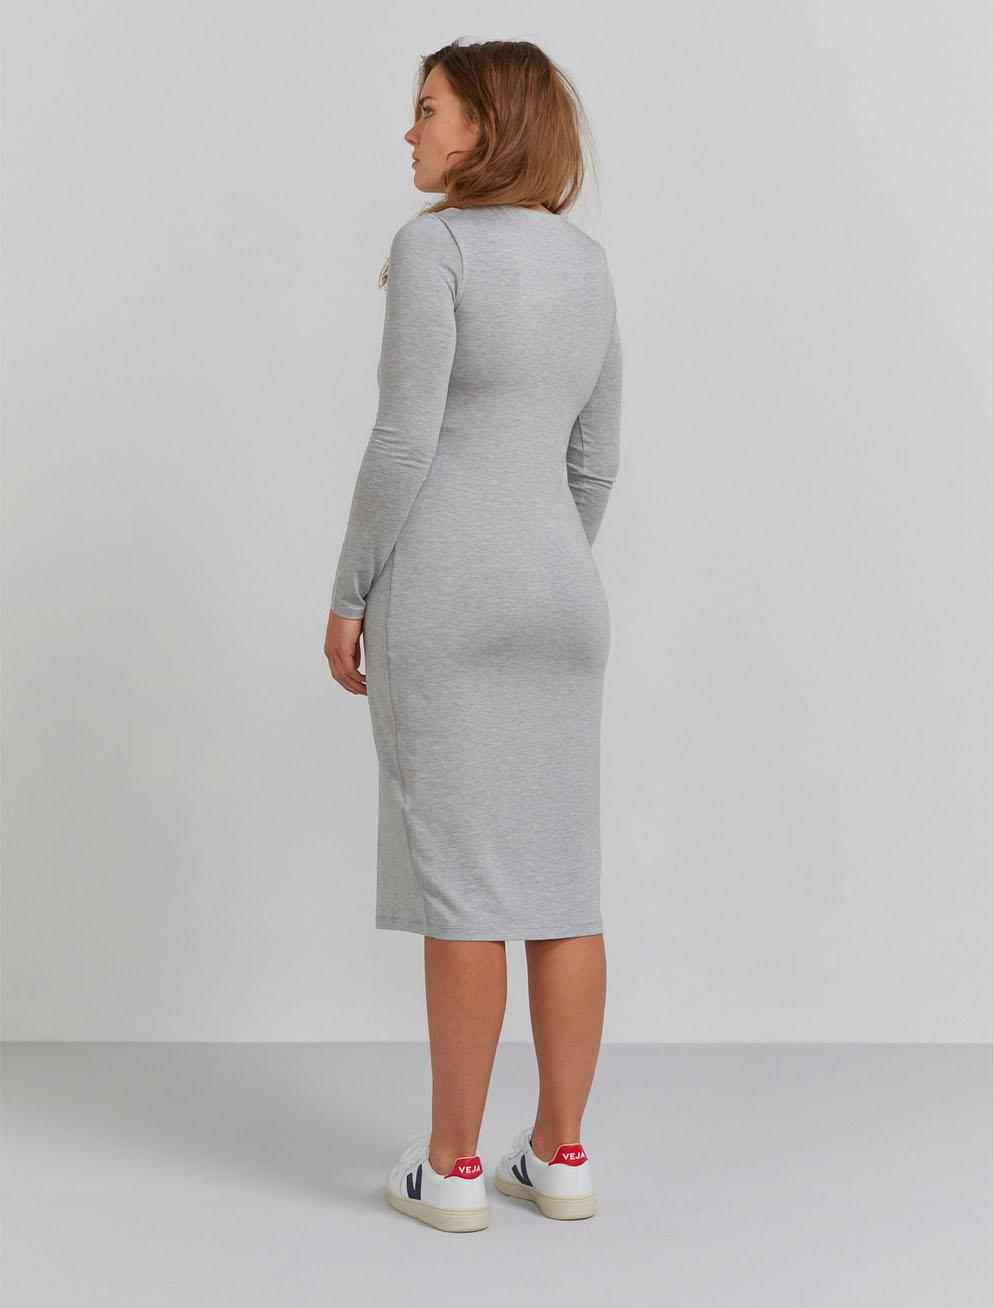 Bodycon stretch jersey dress